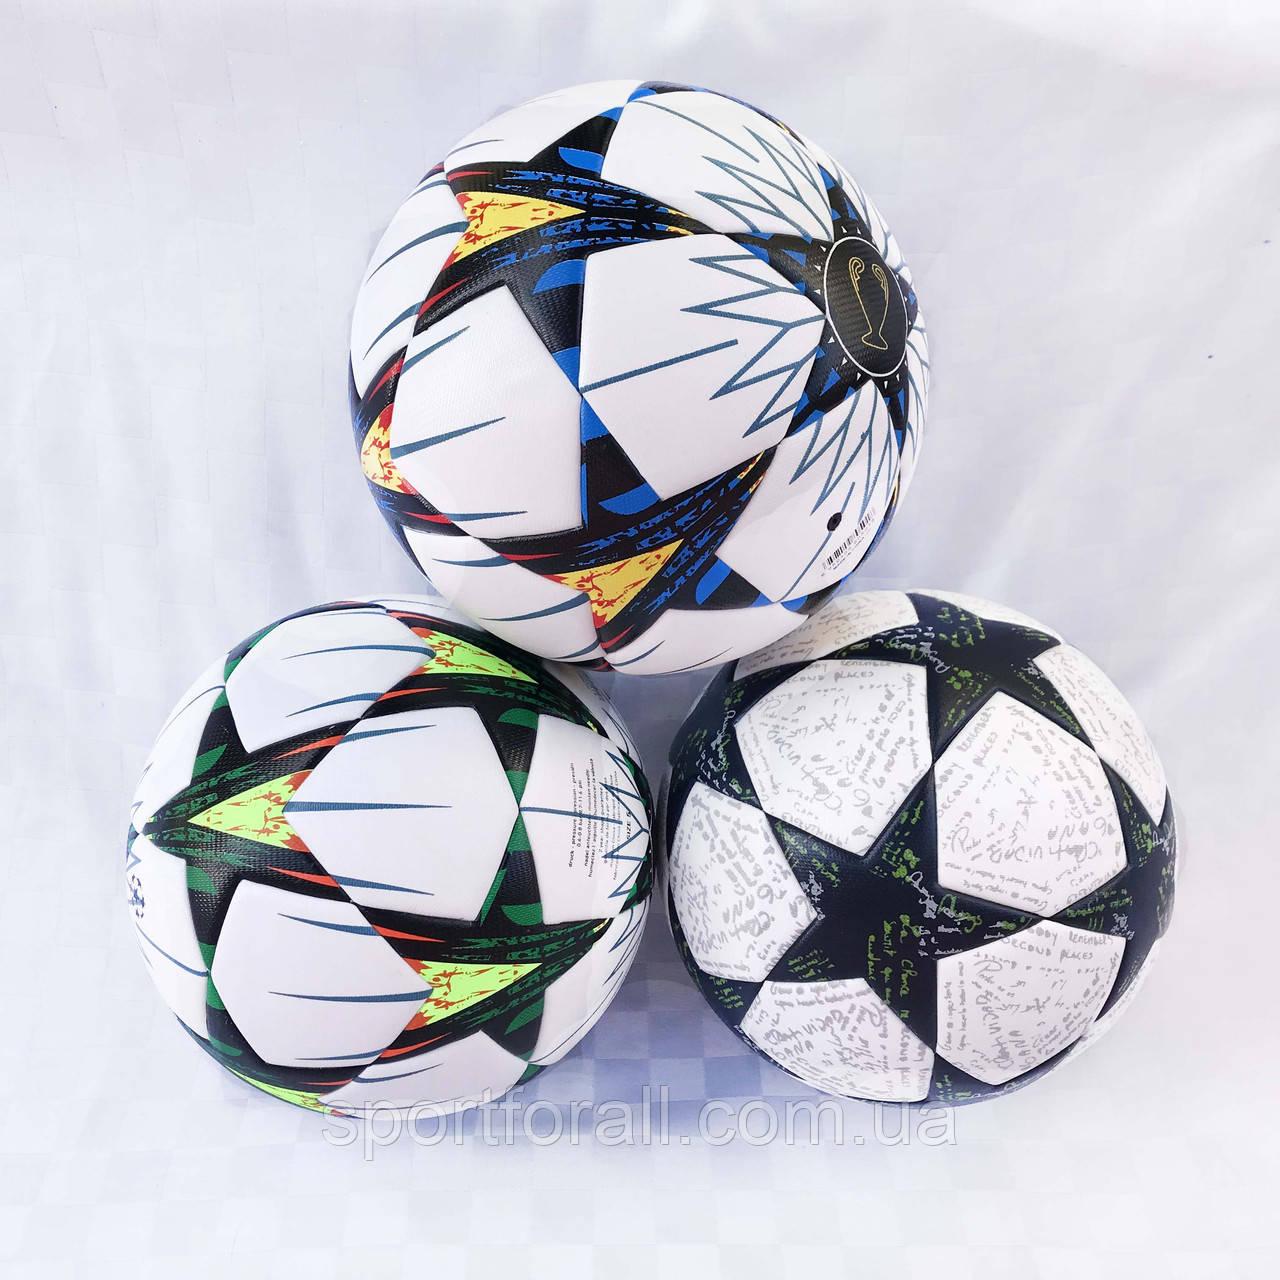 Мяч футбольный №5 PU ламин. Клееный AP0373 LIGA CHAMPIONS FINAL